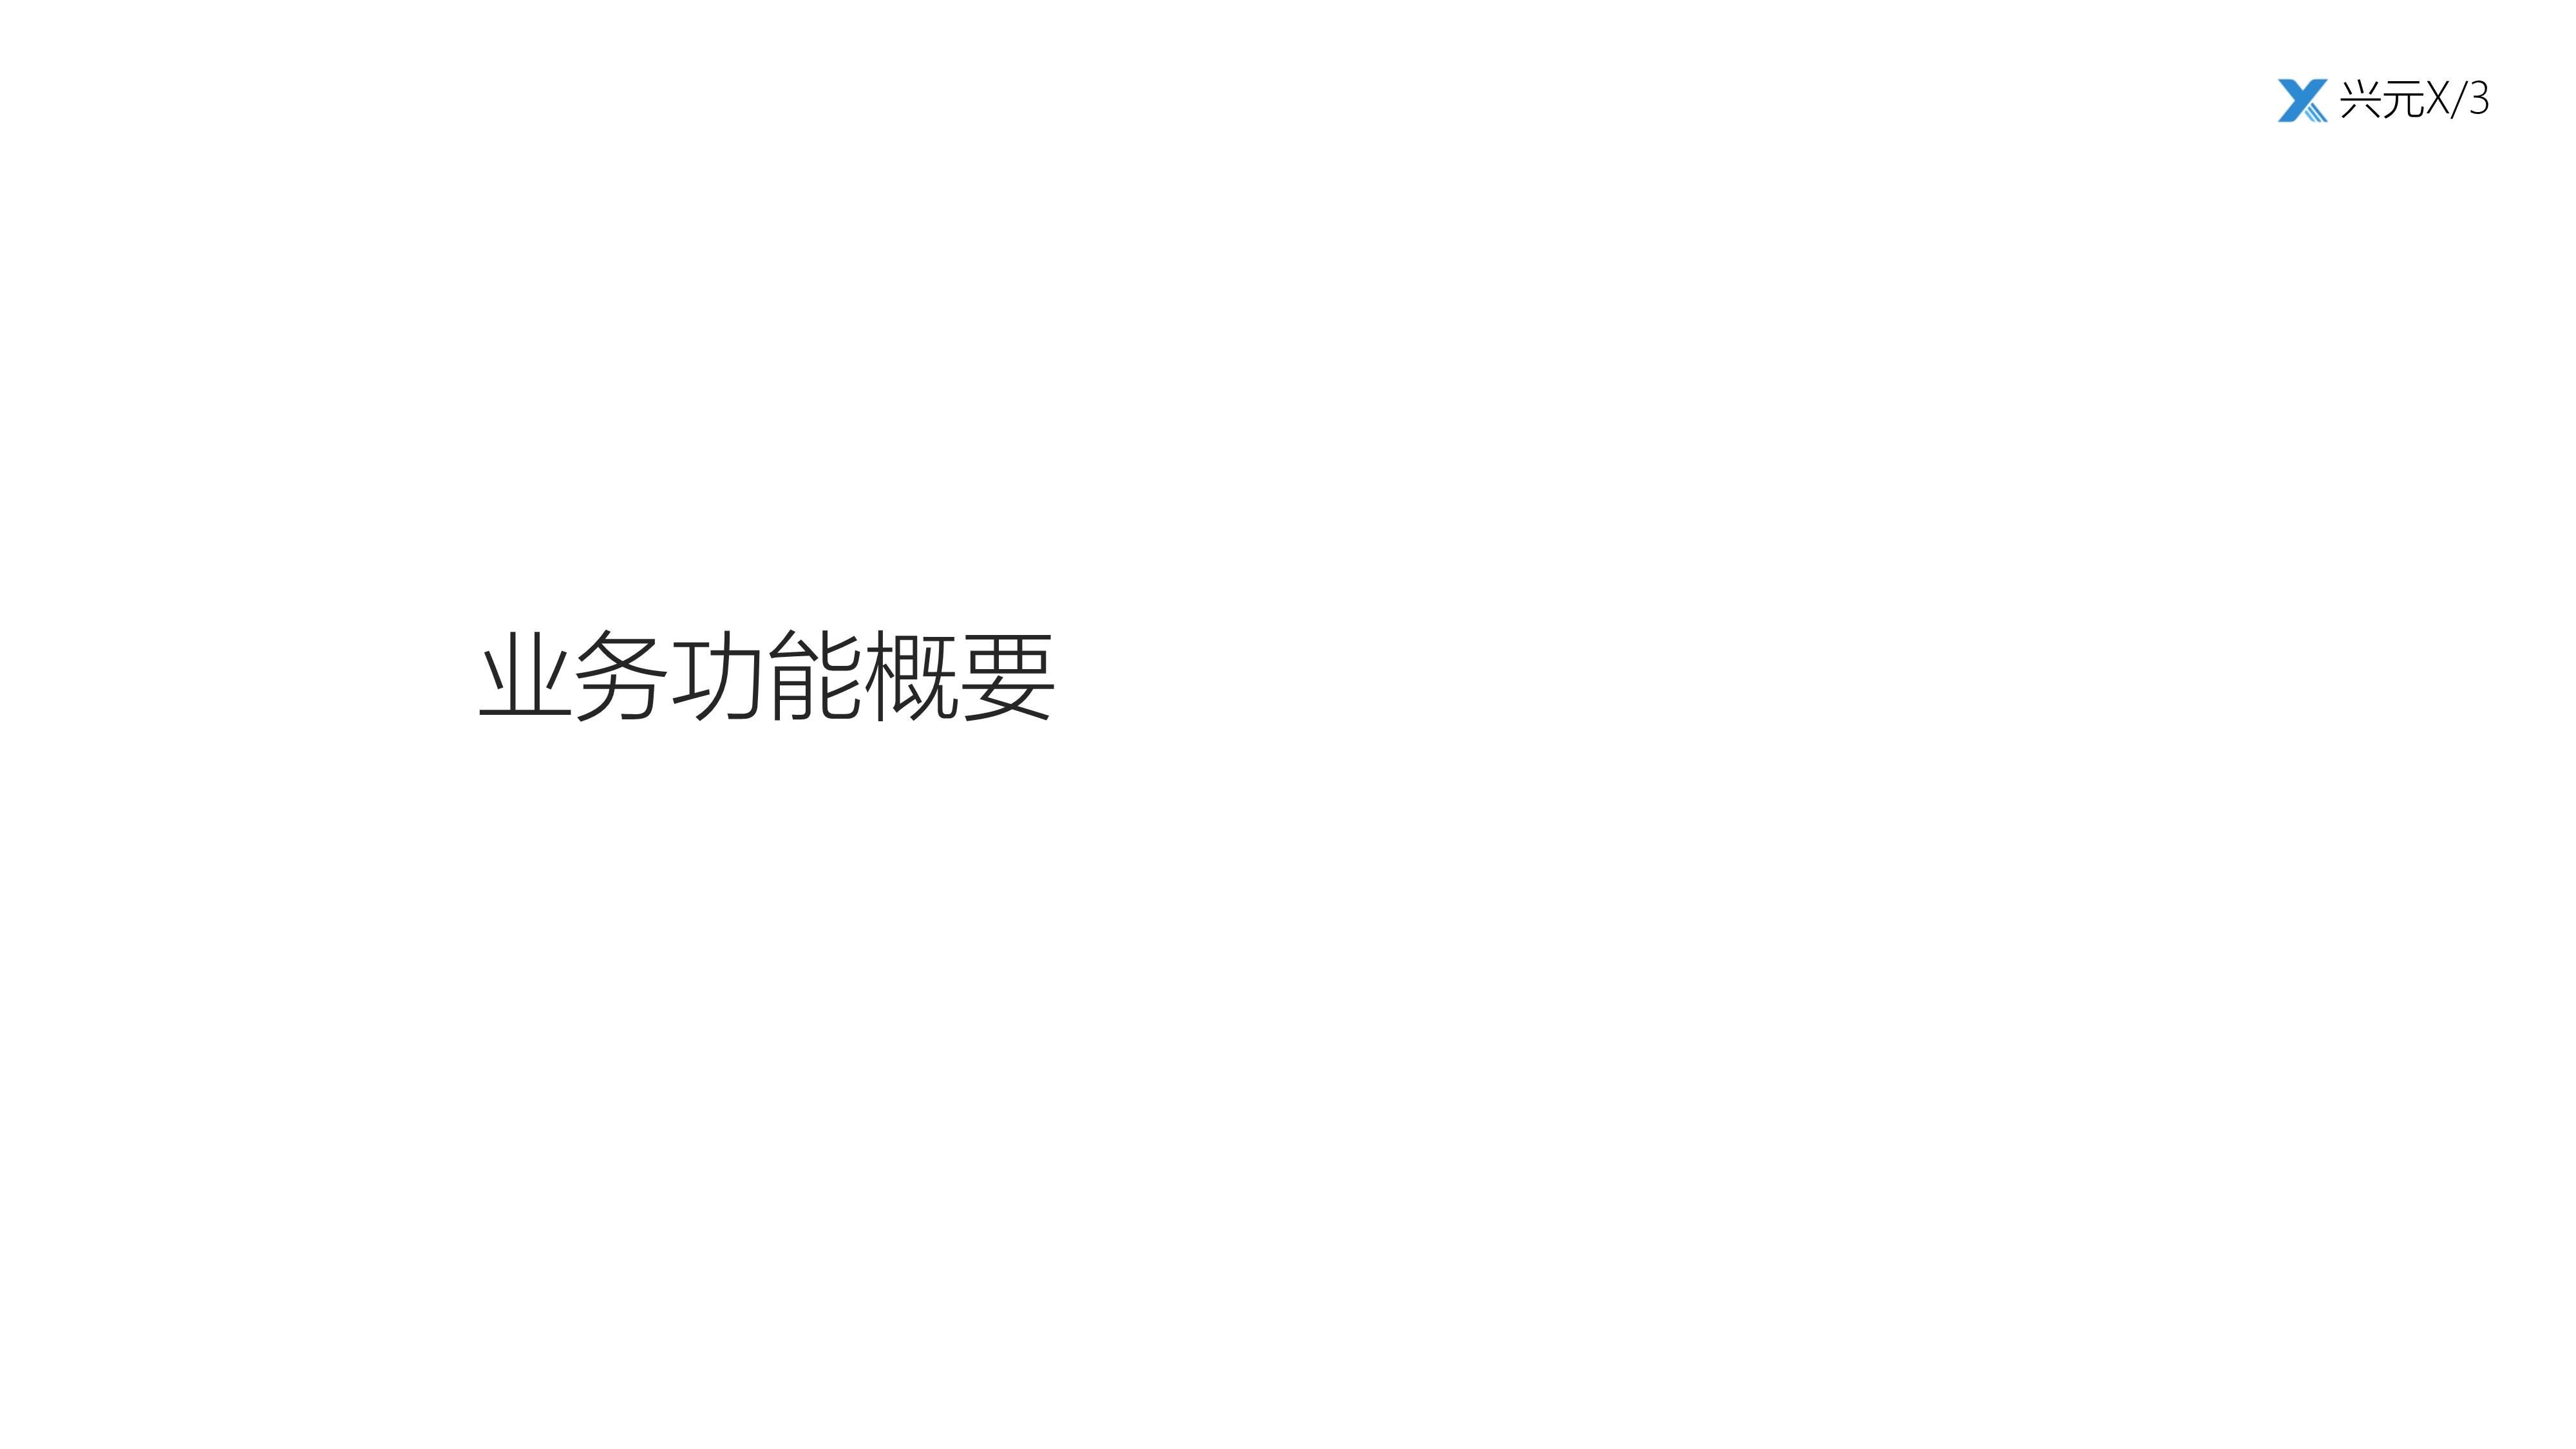 011809350146_0兴元财务管理报销软件_5.Jpeg